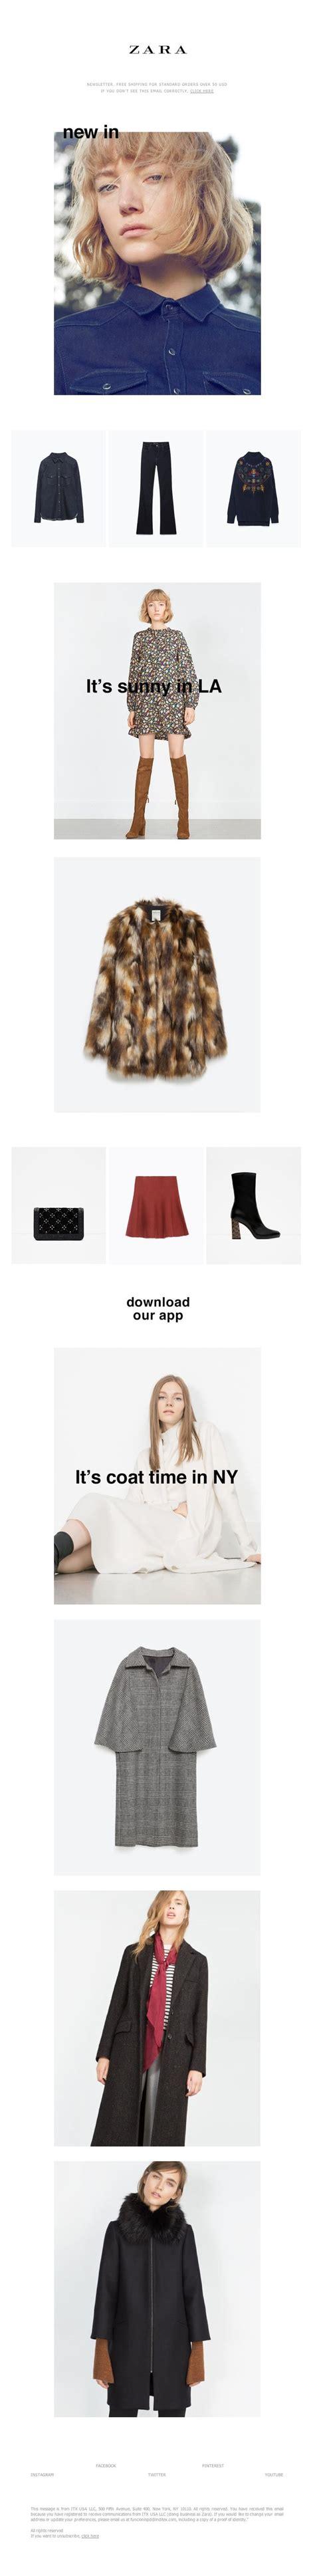 zara newsletter photo email design www datemailman fashion newsletters 25 best ideas about web zara on fashion layouts fashion graphic design and graphic